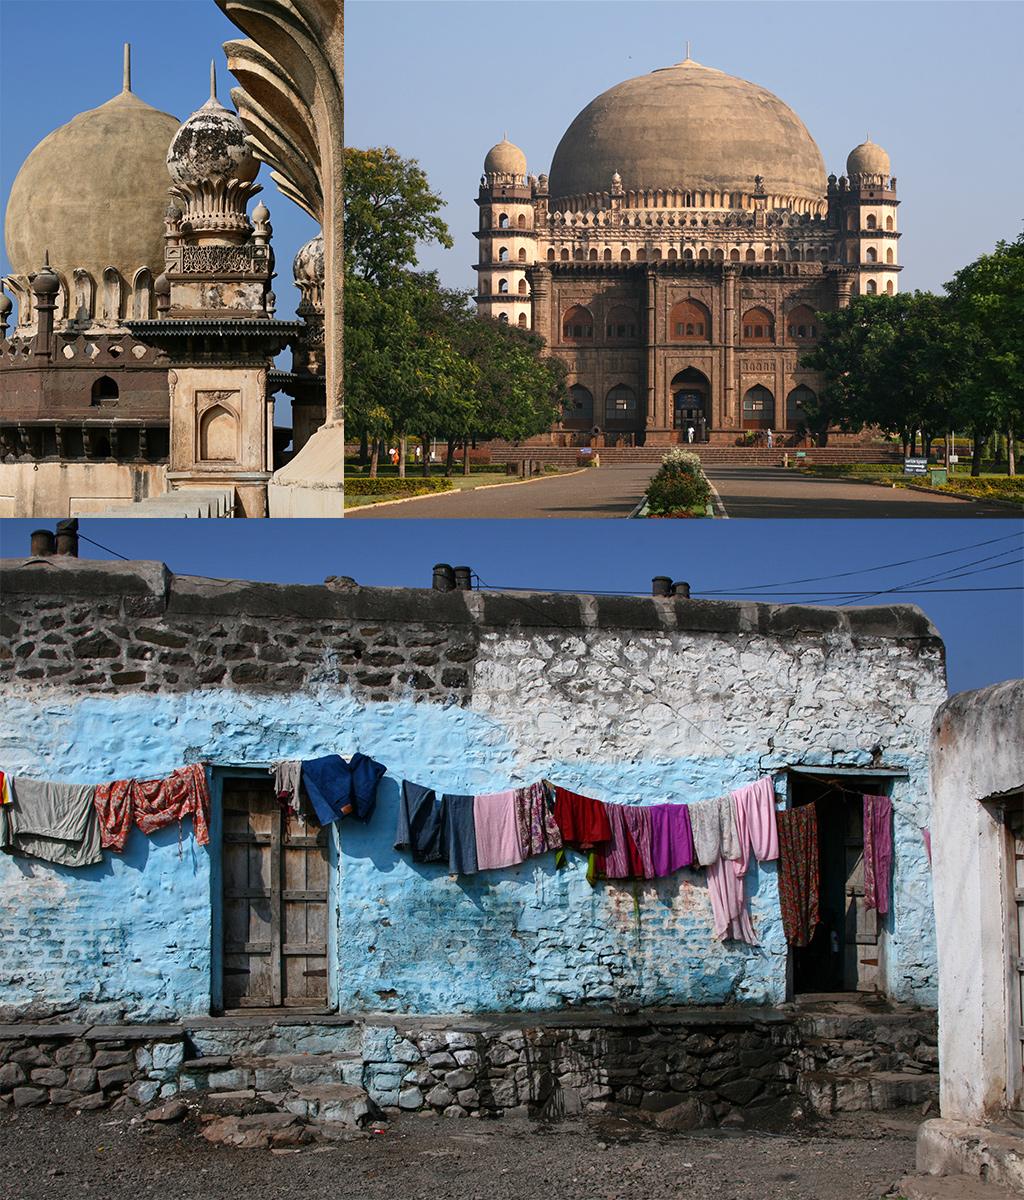 zien en doen in Karnataka - Bijapur